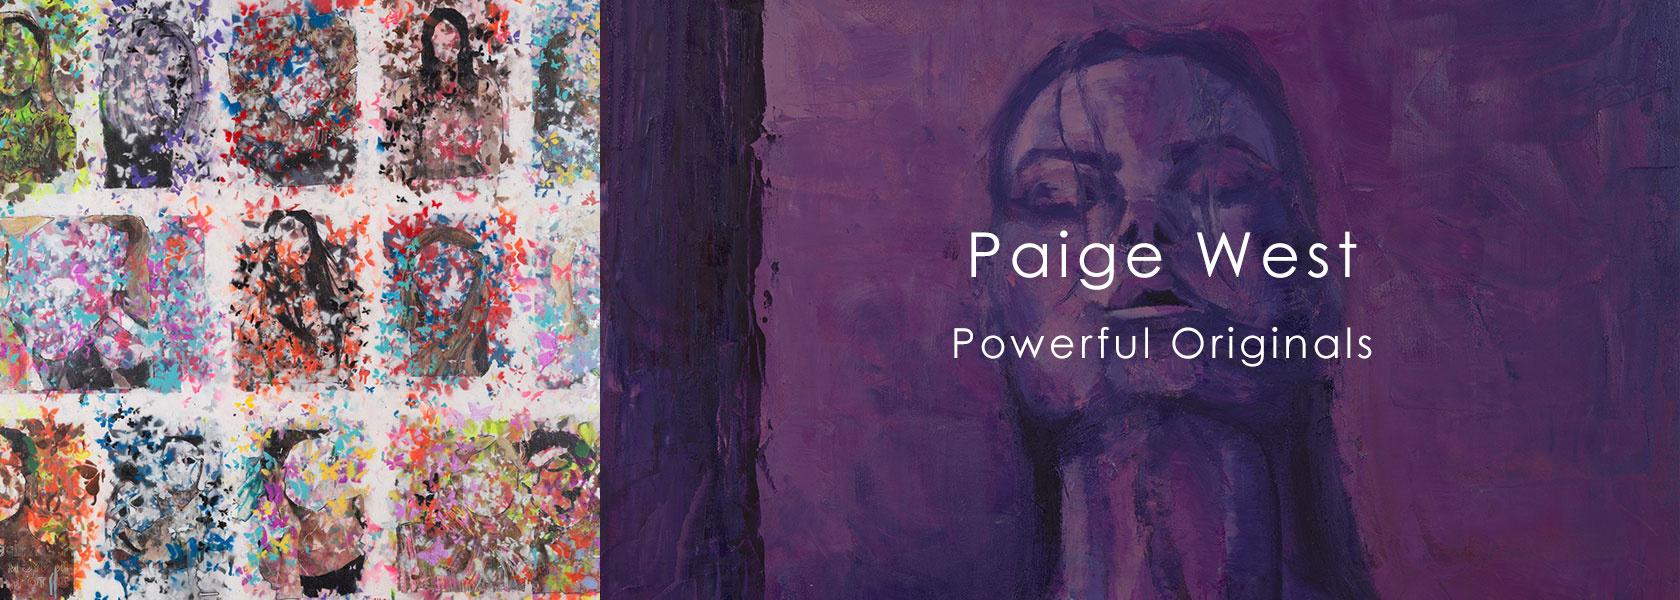 Paige West